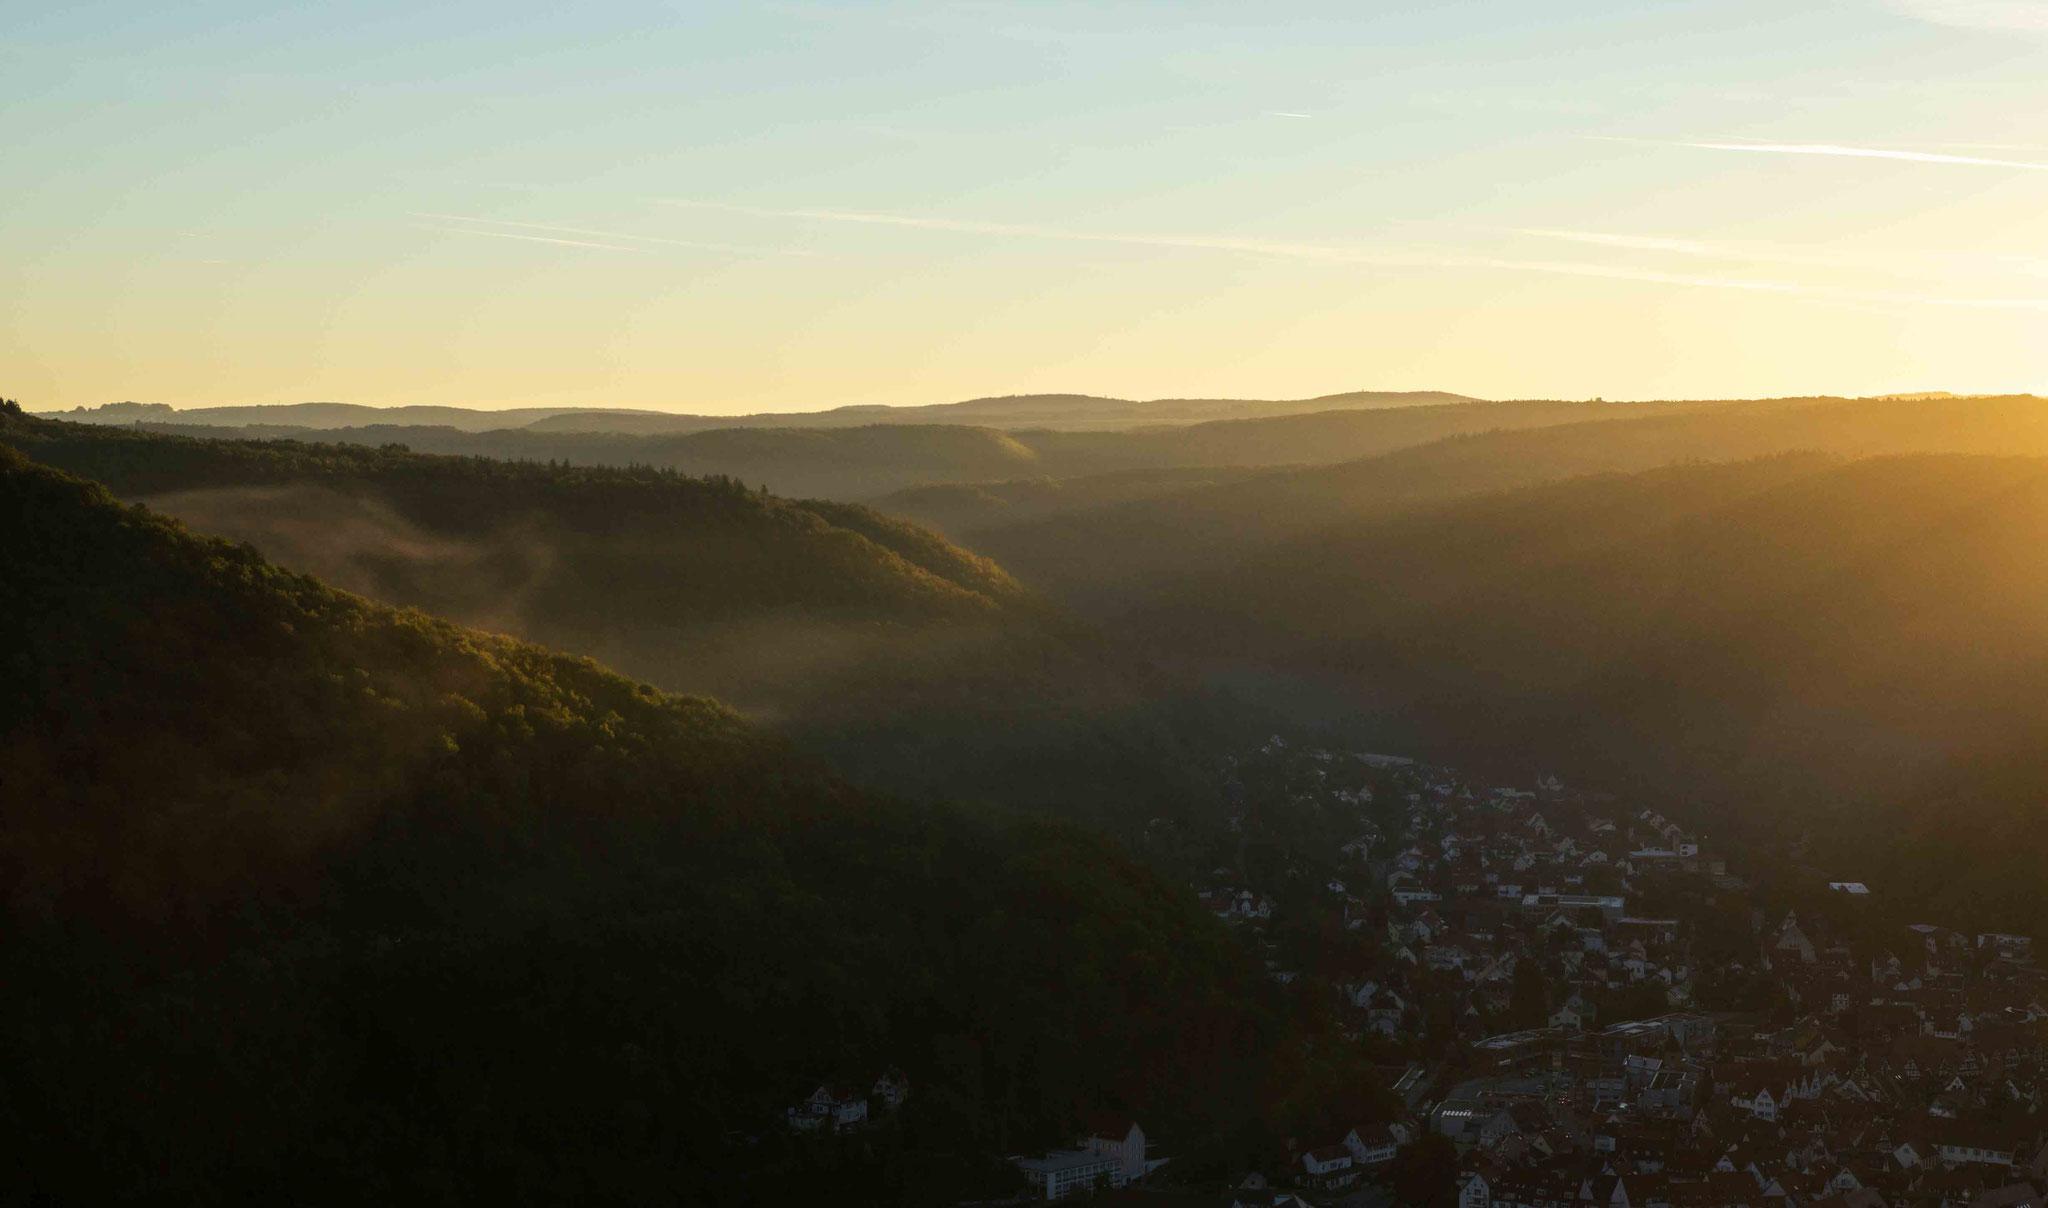 Morgentliches Licht im Ermstal; Burg Ruine Hohen Urach